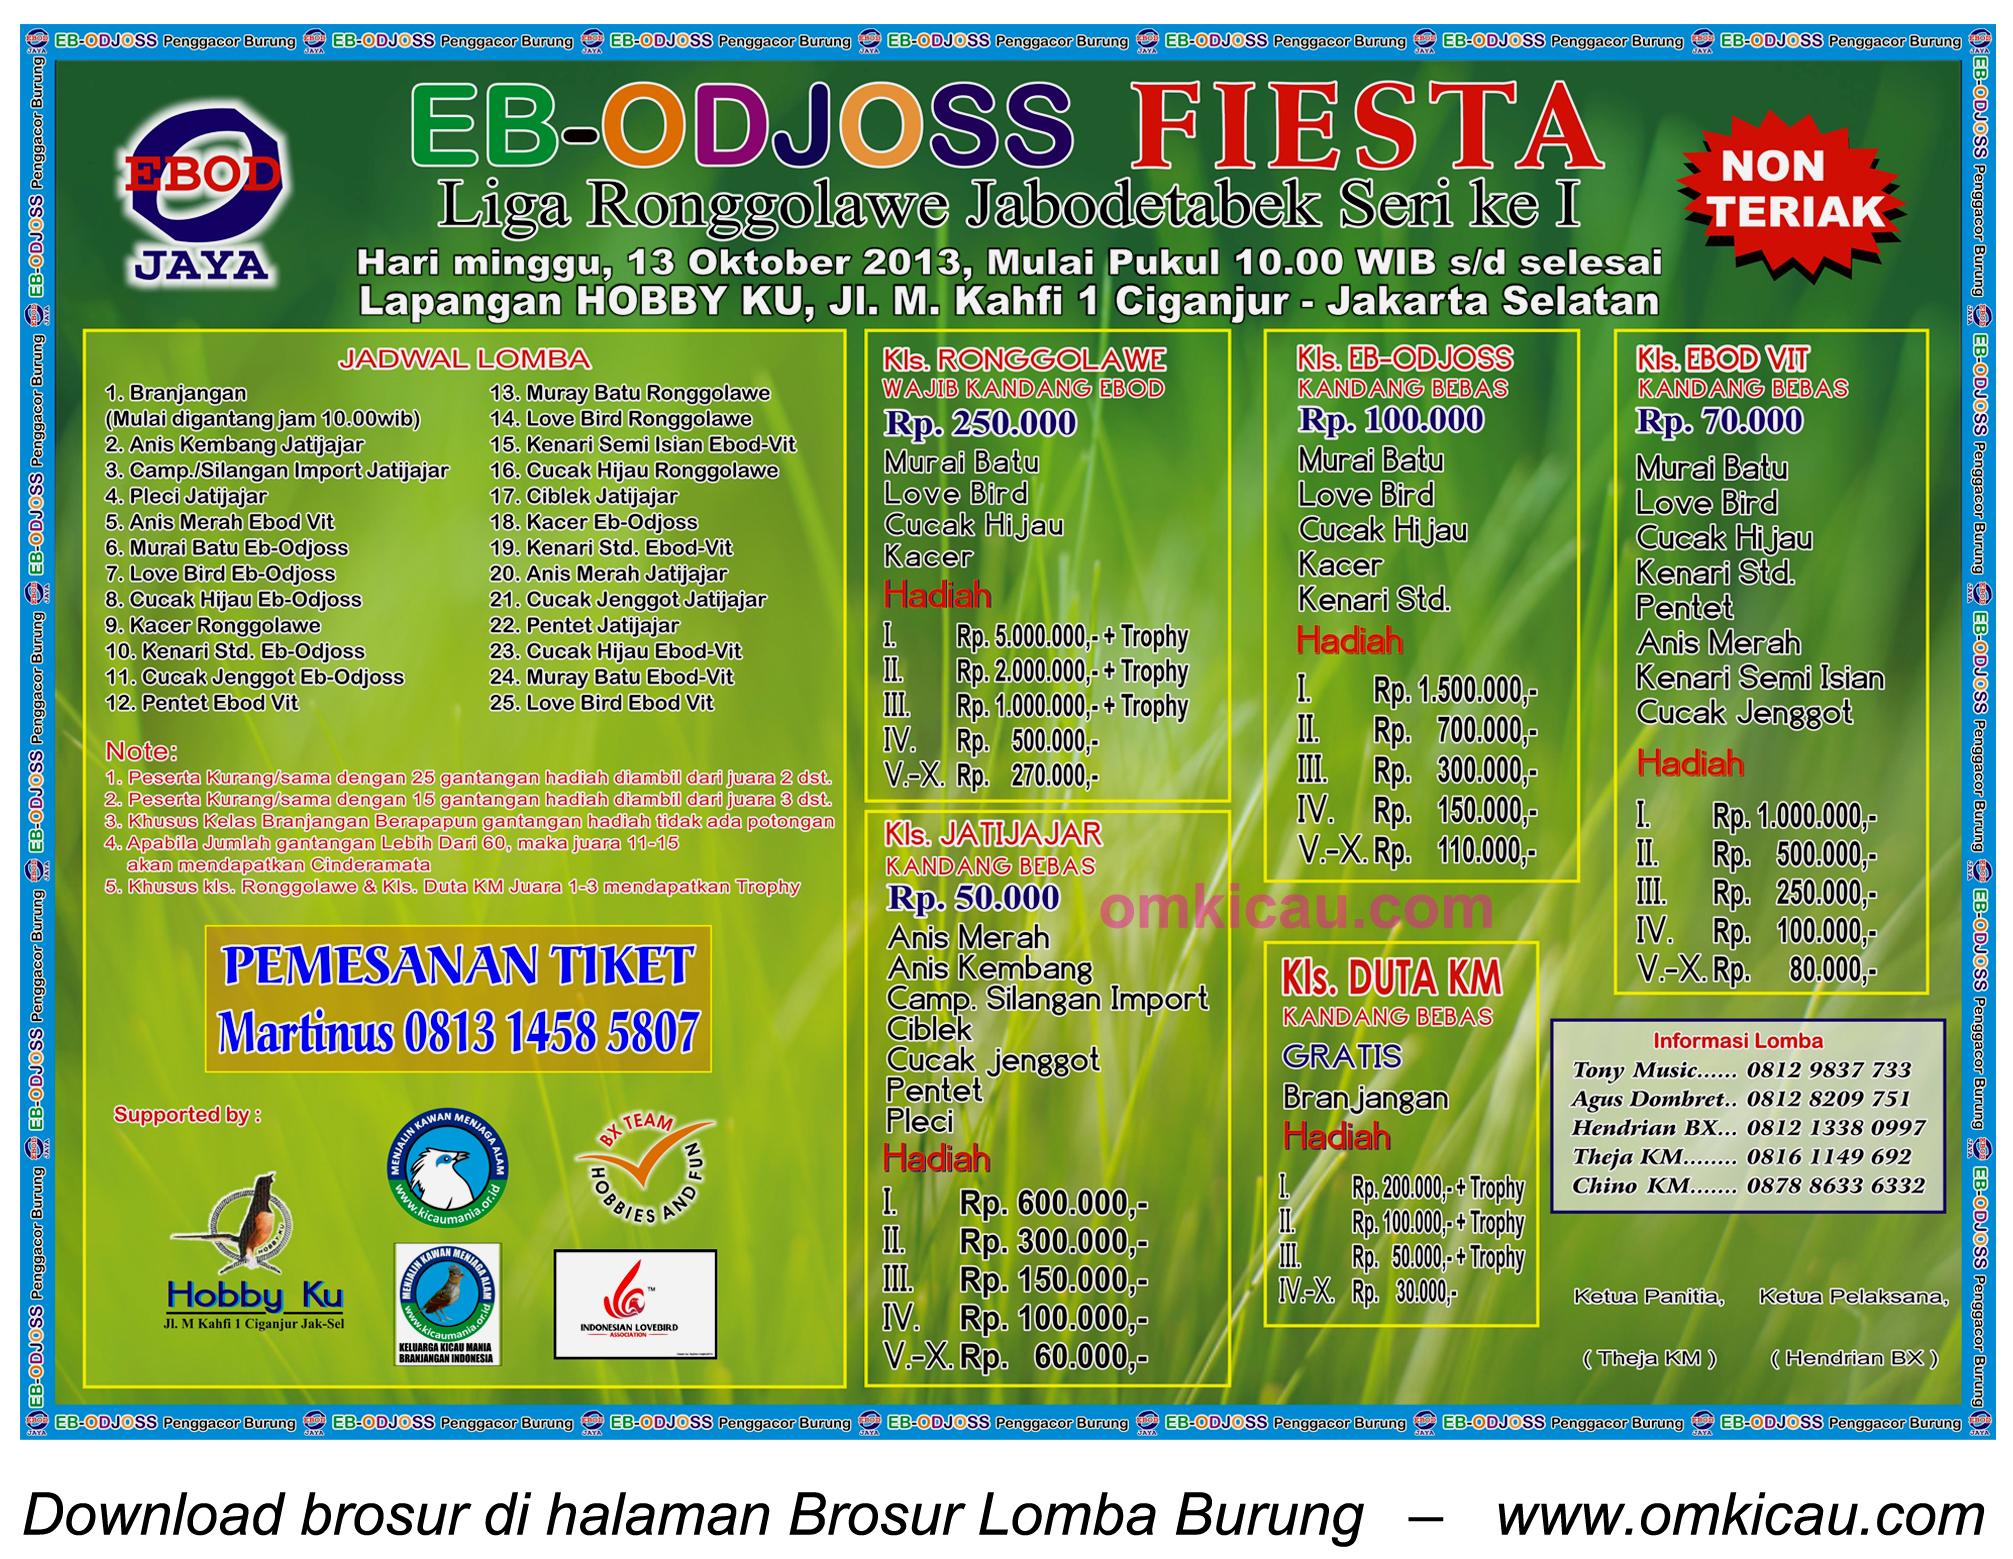 Brosur Lomba Burung EB-Odjoss Fiesta - Jakarta - 13 Oktober 2013